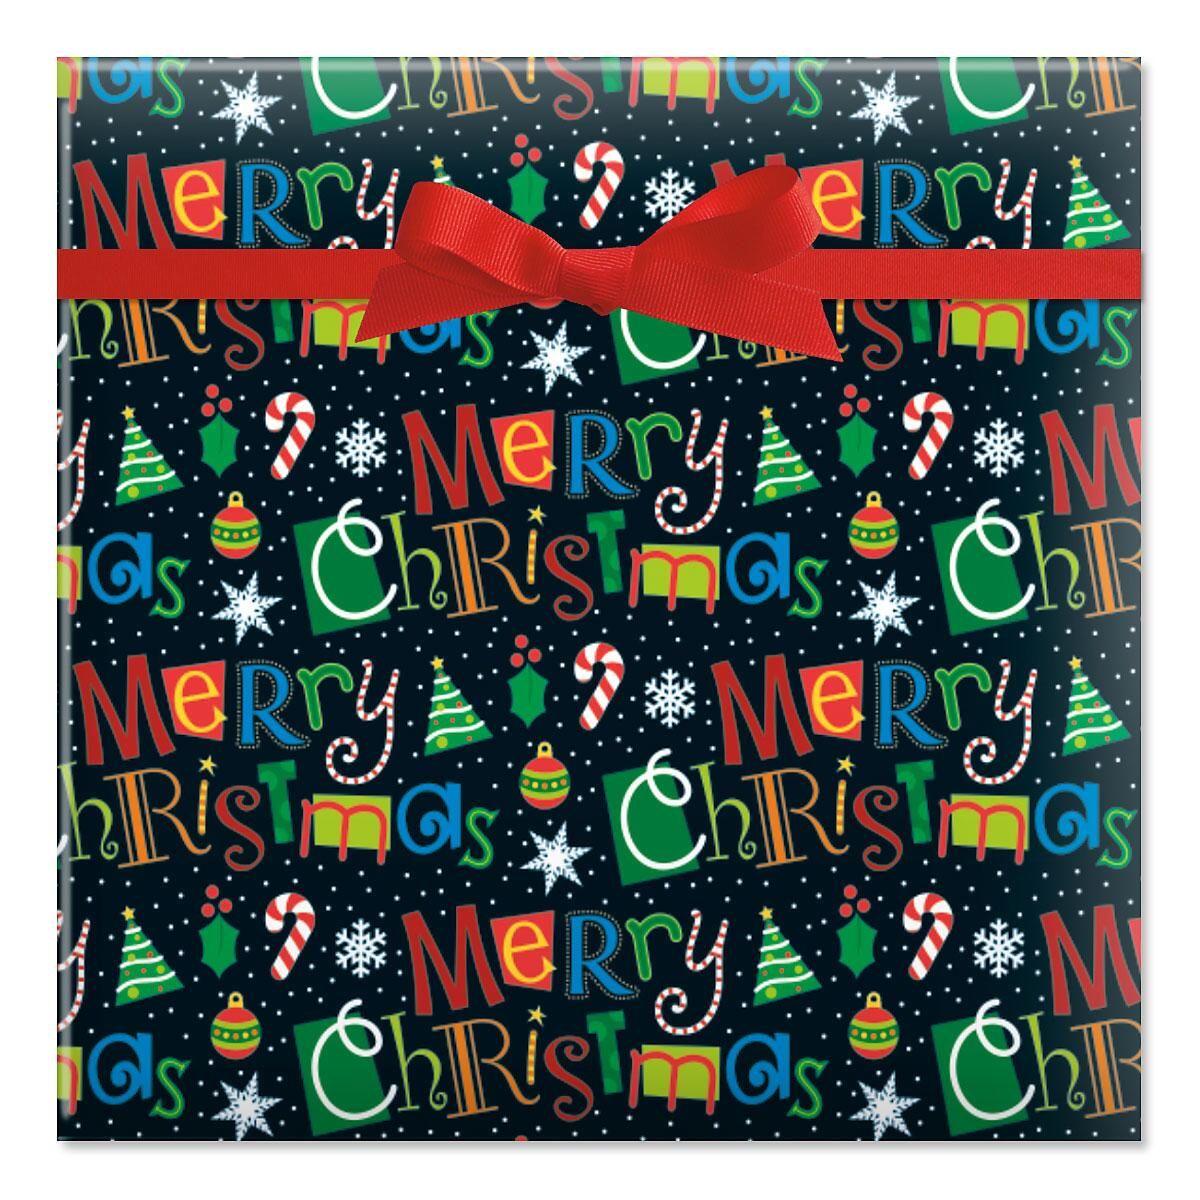 Merry Christmas on Black Jumbo Rolled Gift Wrap